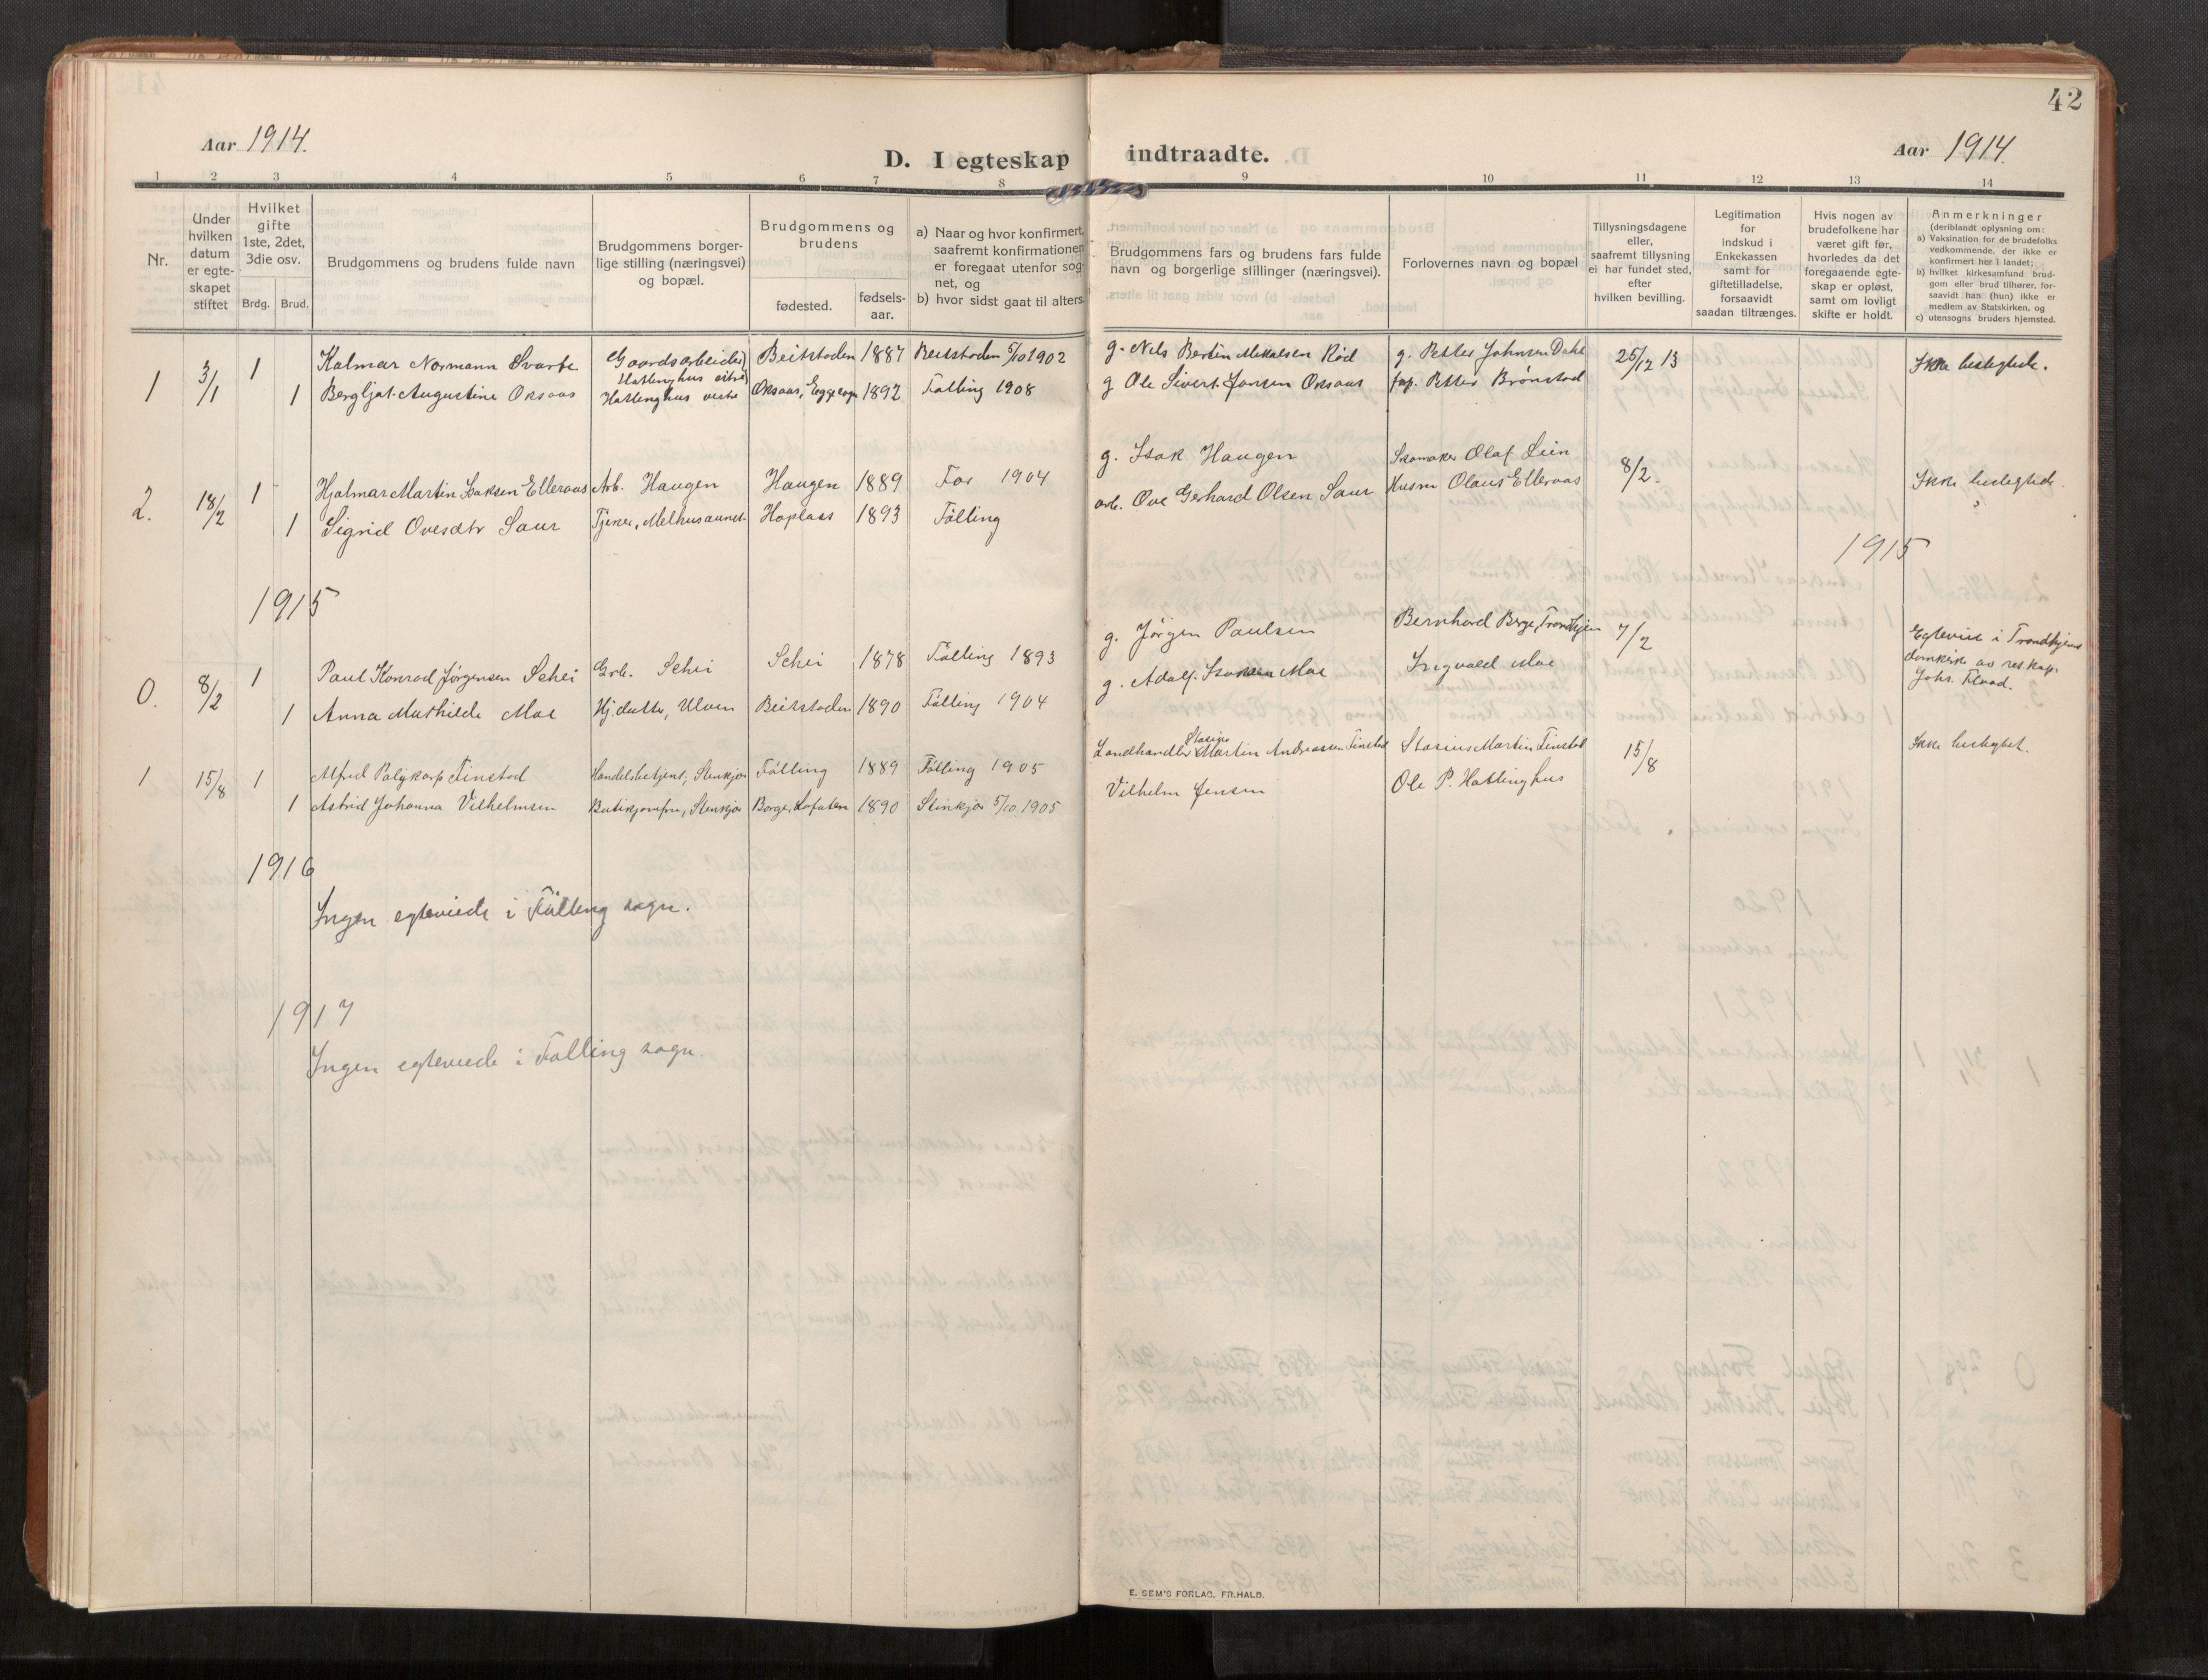 SAT, Stod sokneprestkontor, I/I1/I1a/L0003: Parish register (official) no. 3, 1909-1934, p. 42